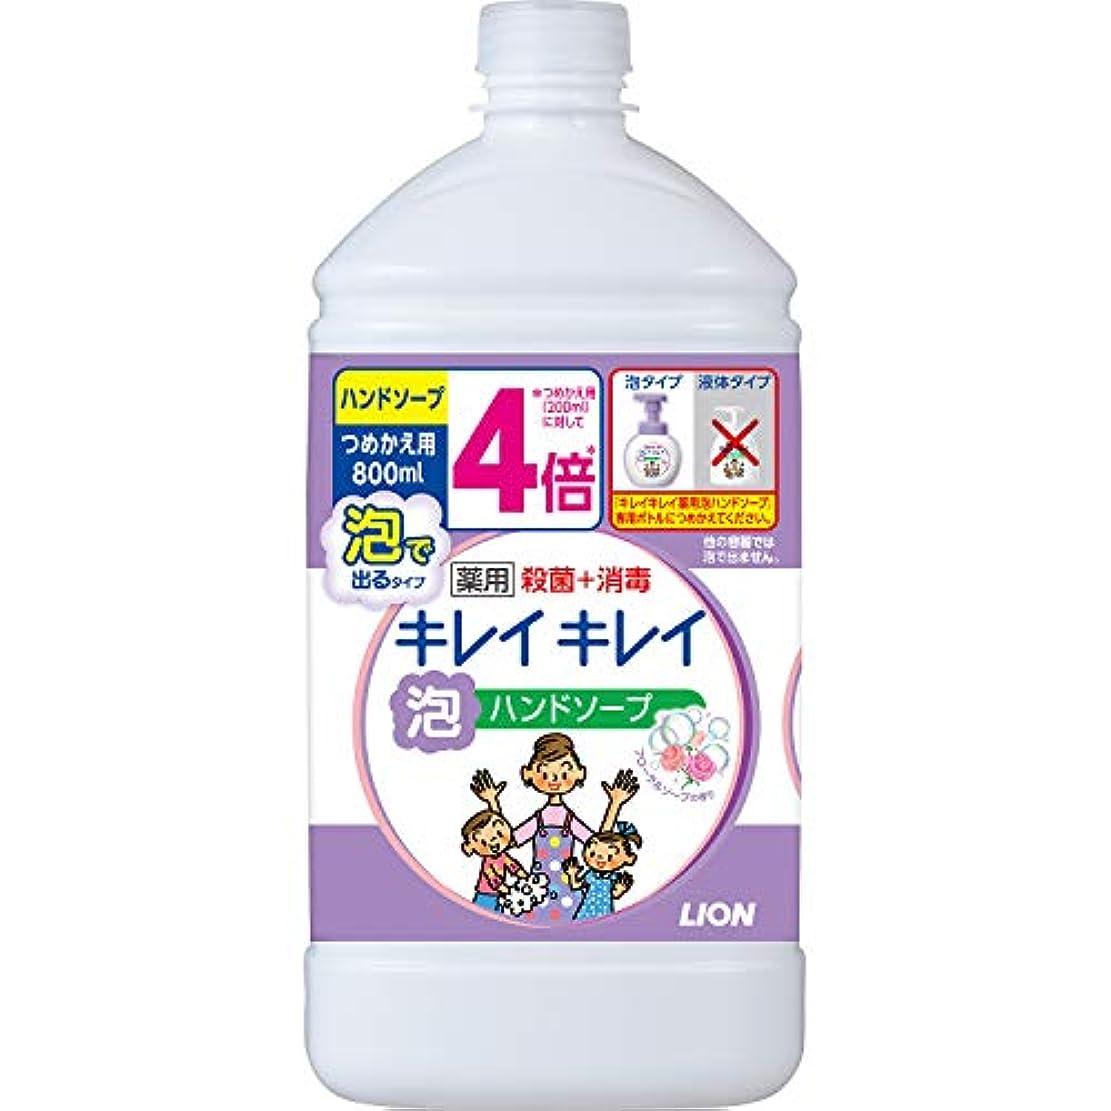 ショートカット忘れっぽいうん(医薬部外品)【大容量】キレイキレイ 薬用 泡ハンドソープ フローラルソープの香り 詰替特大 800ml